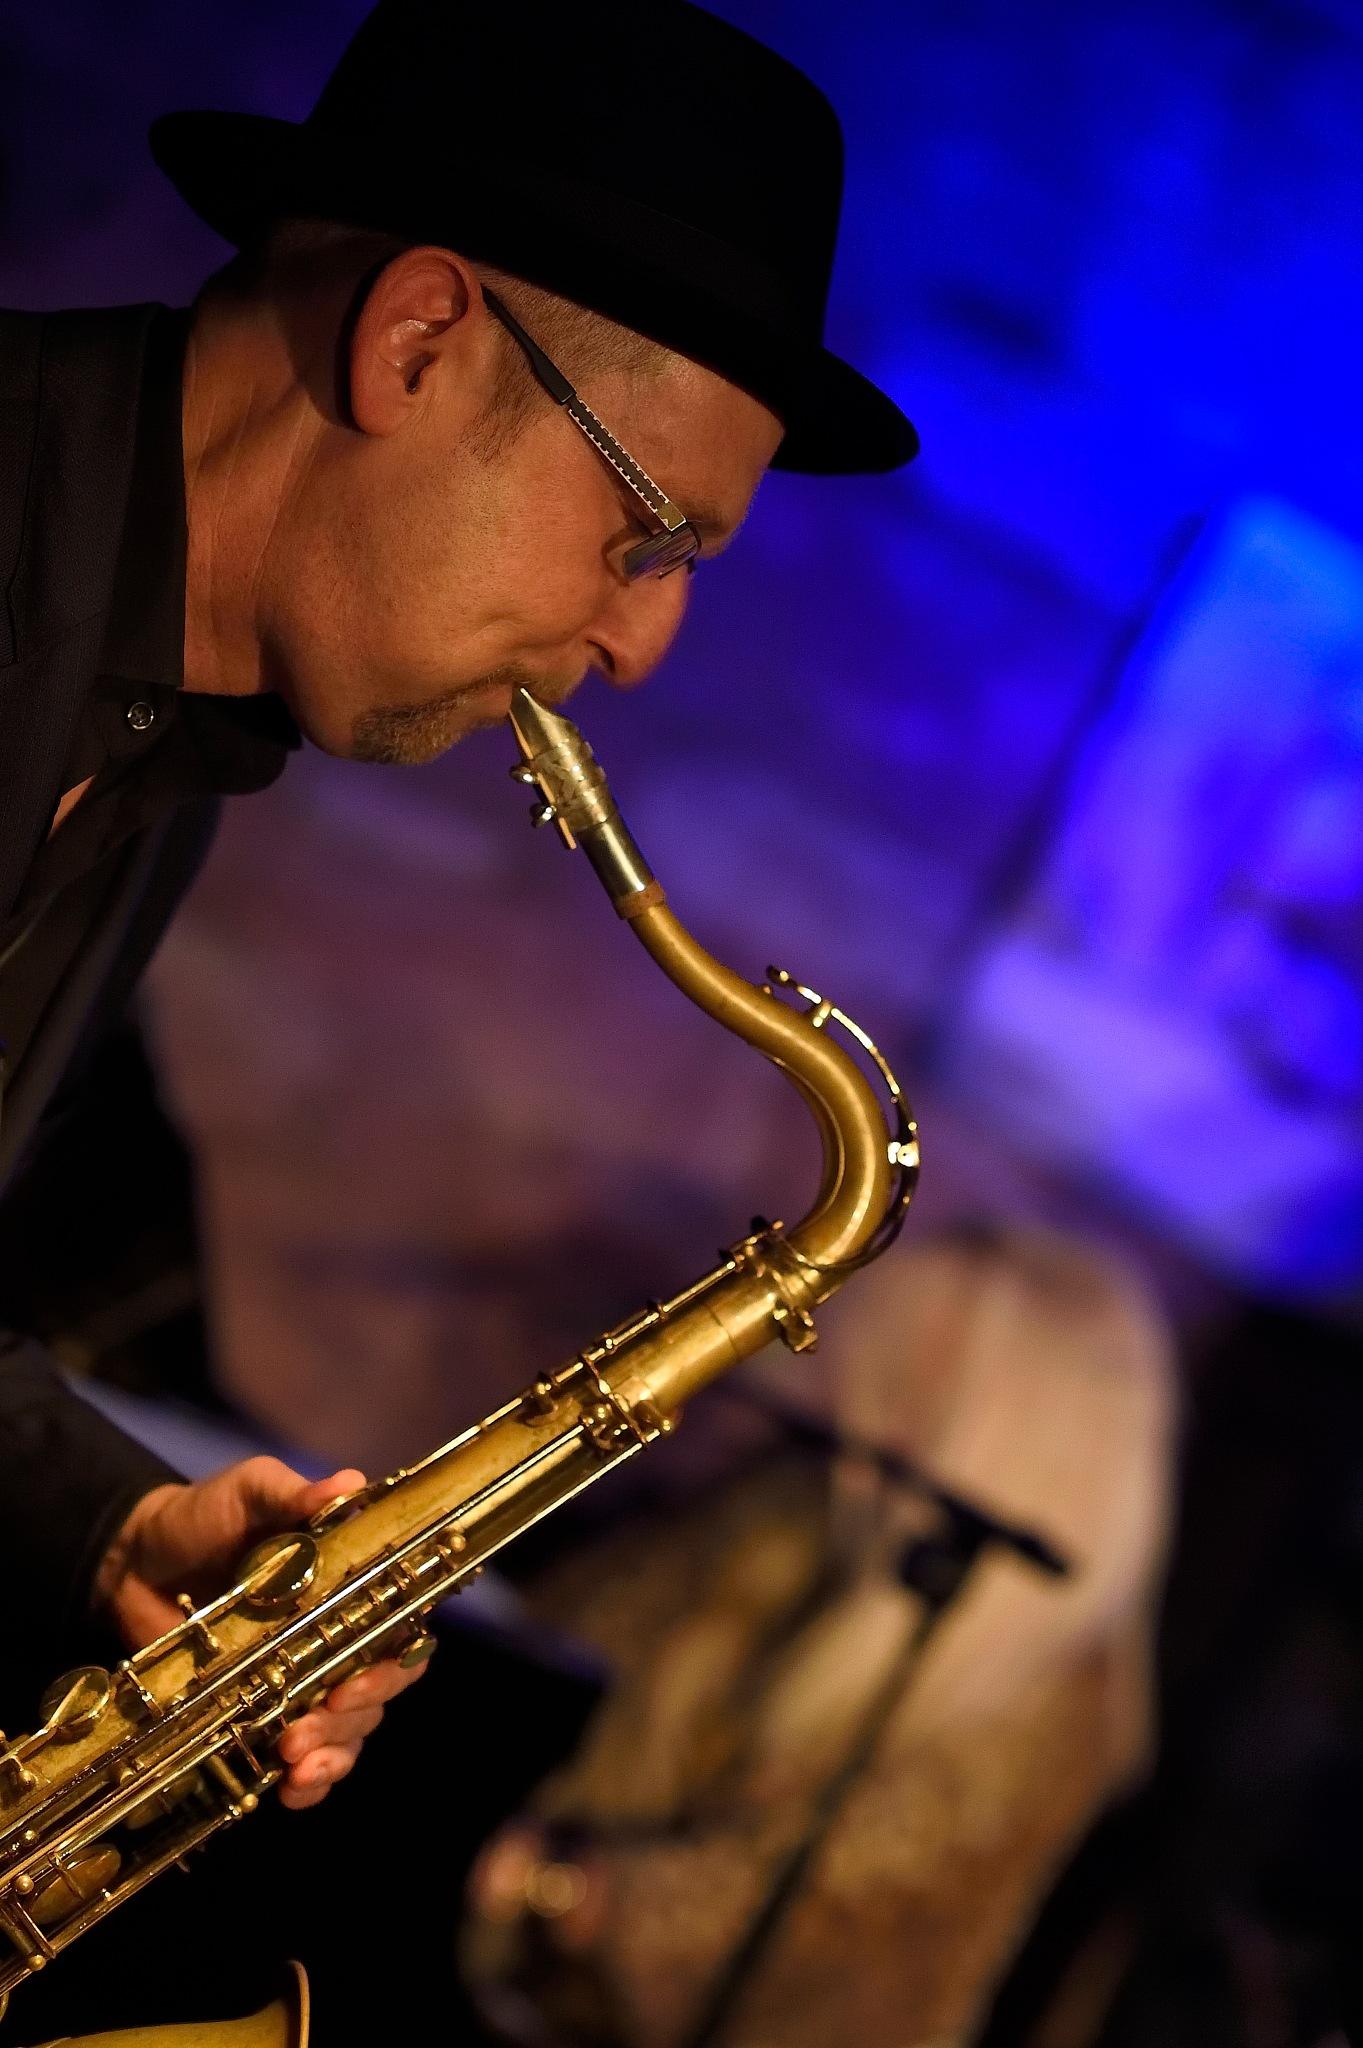 The Sax Jan by Jörg-Peter Hohmann